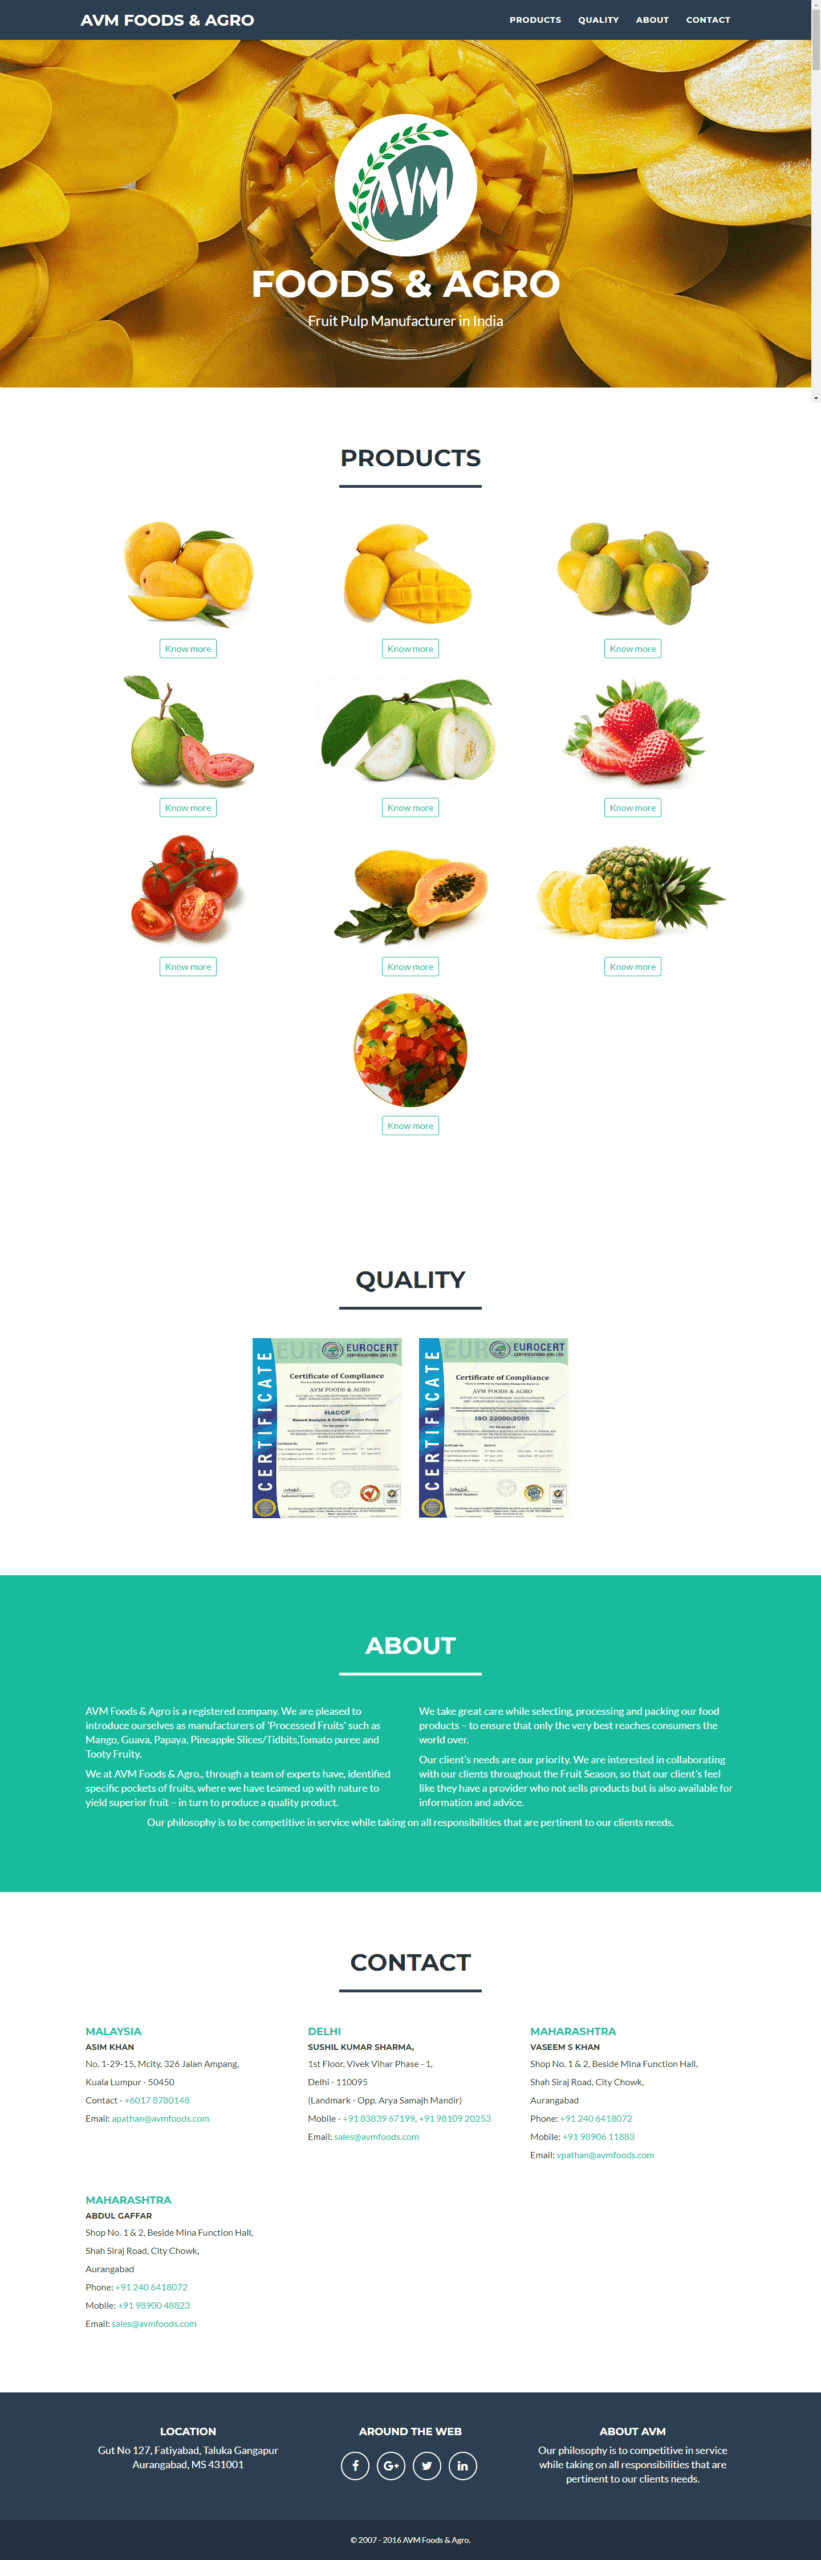 AVM FOODS & AGRO